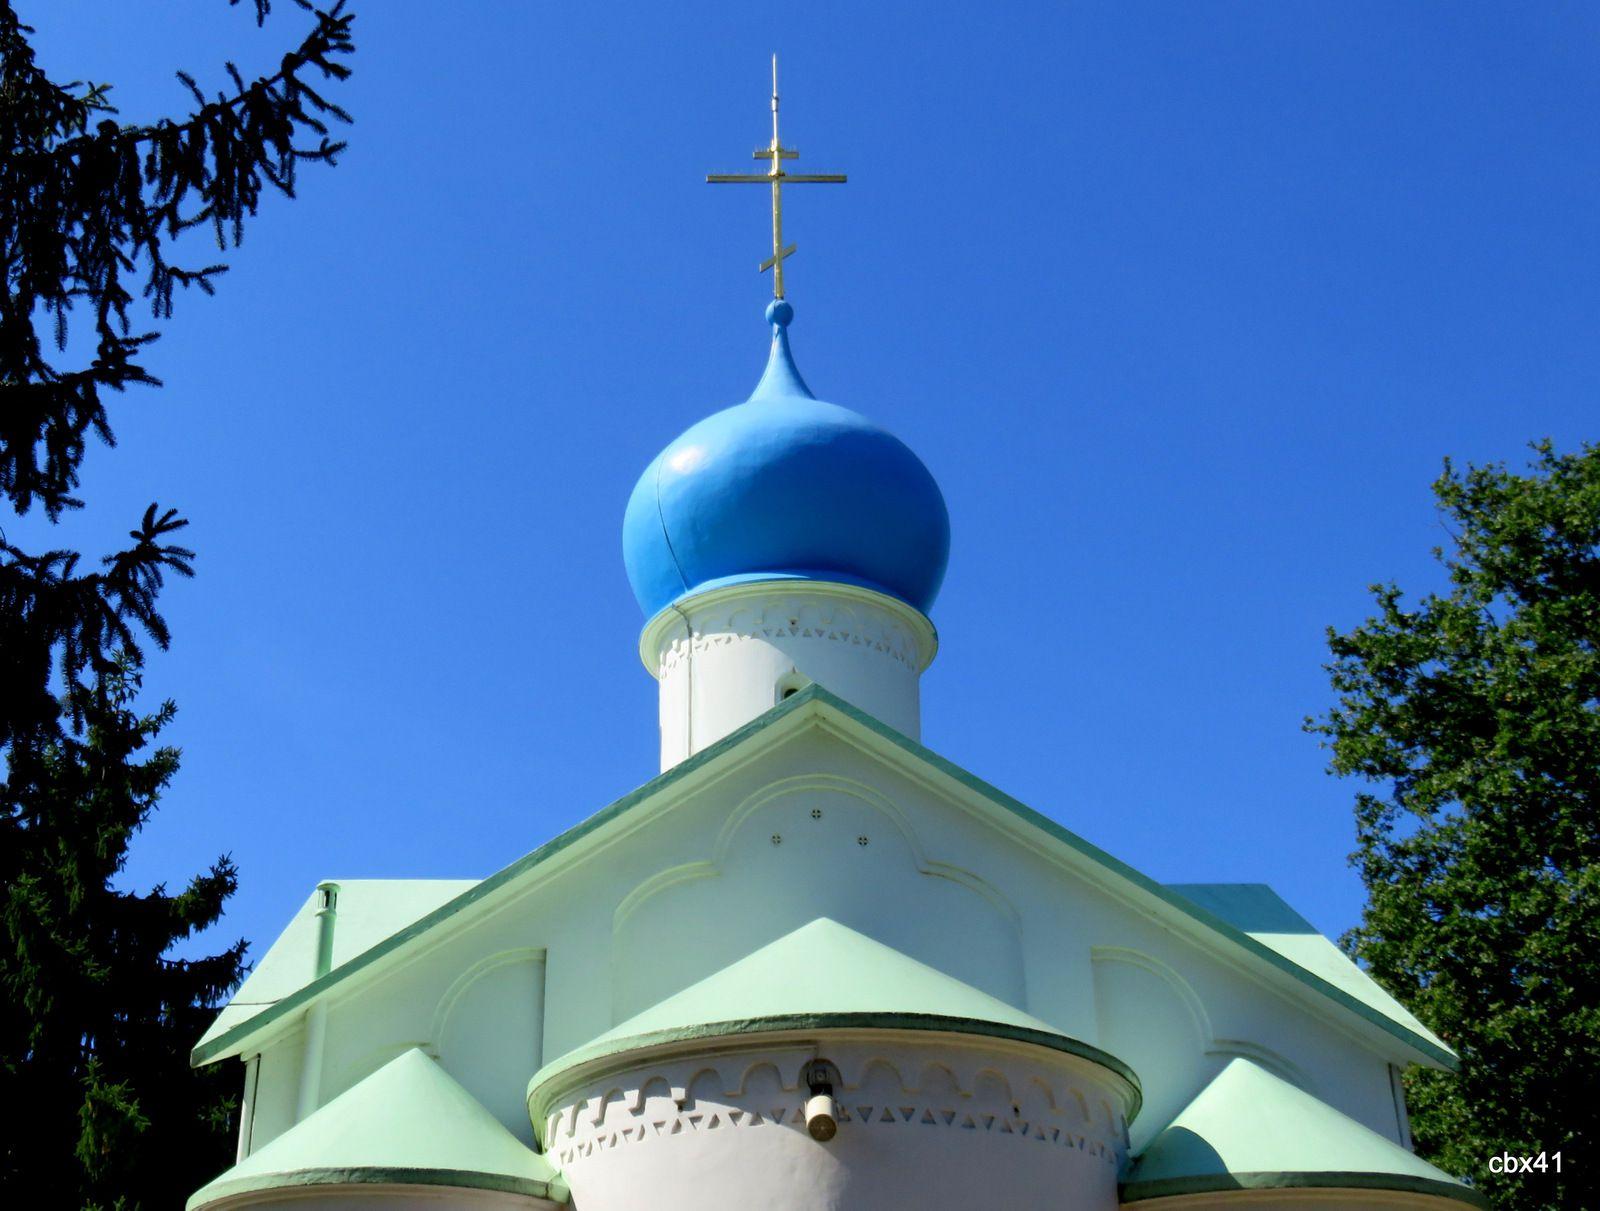 Eglise N.D. de l'Assomption, Cimetière russe de Ste Geneviève-des-Bois